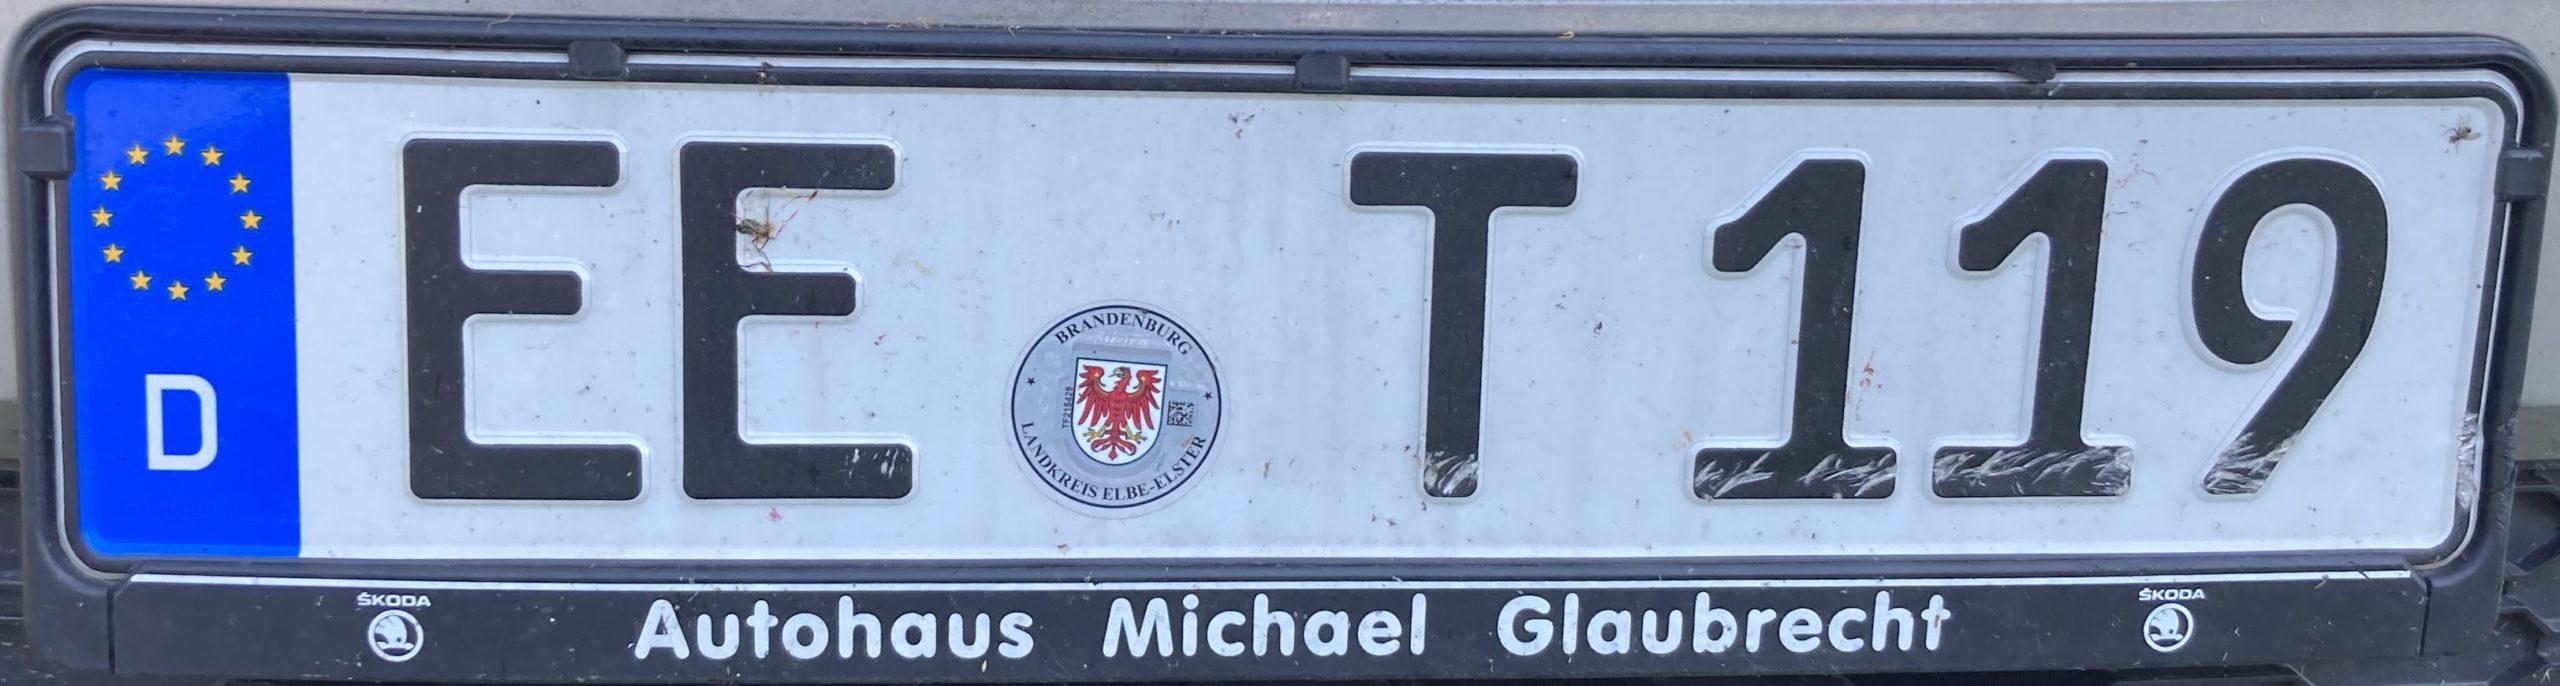 Registrační značka Německo - EE - Elbe-Elster, foto: www.podalnici.cz